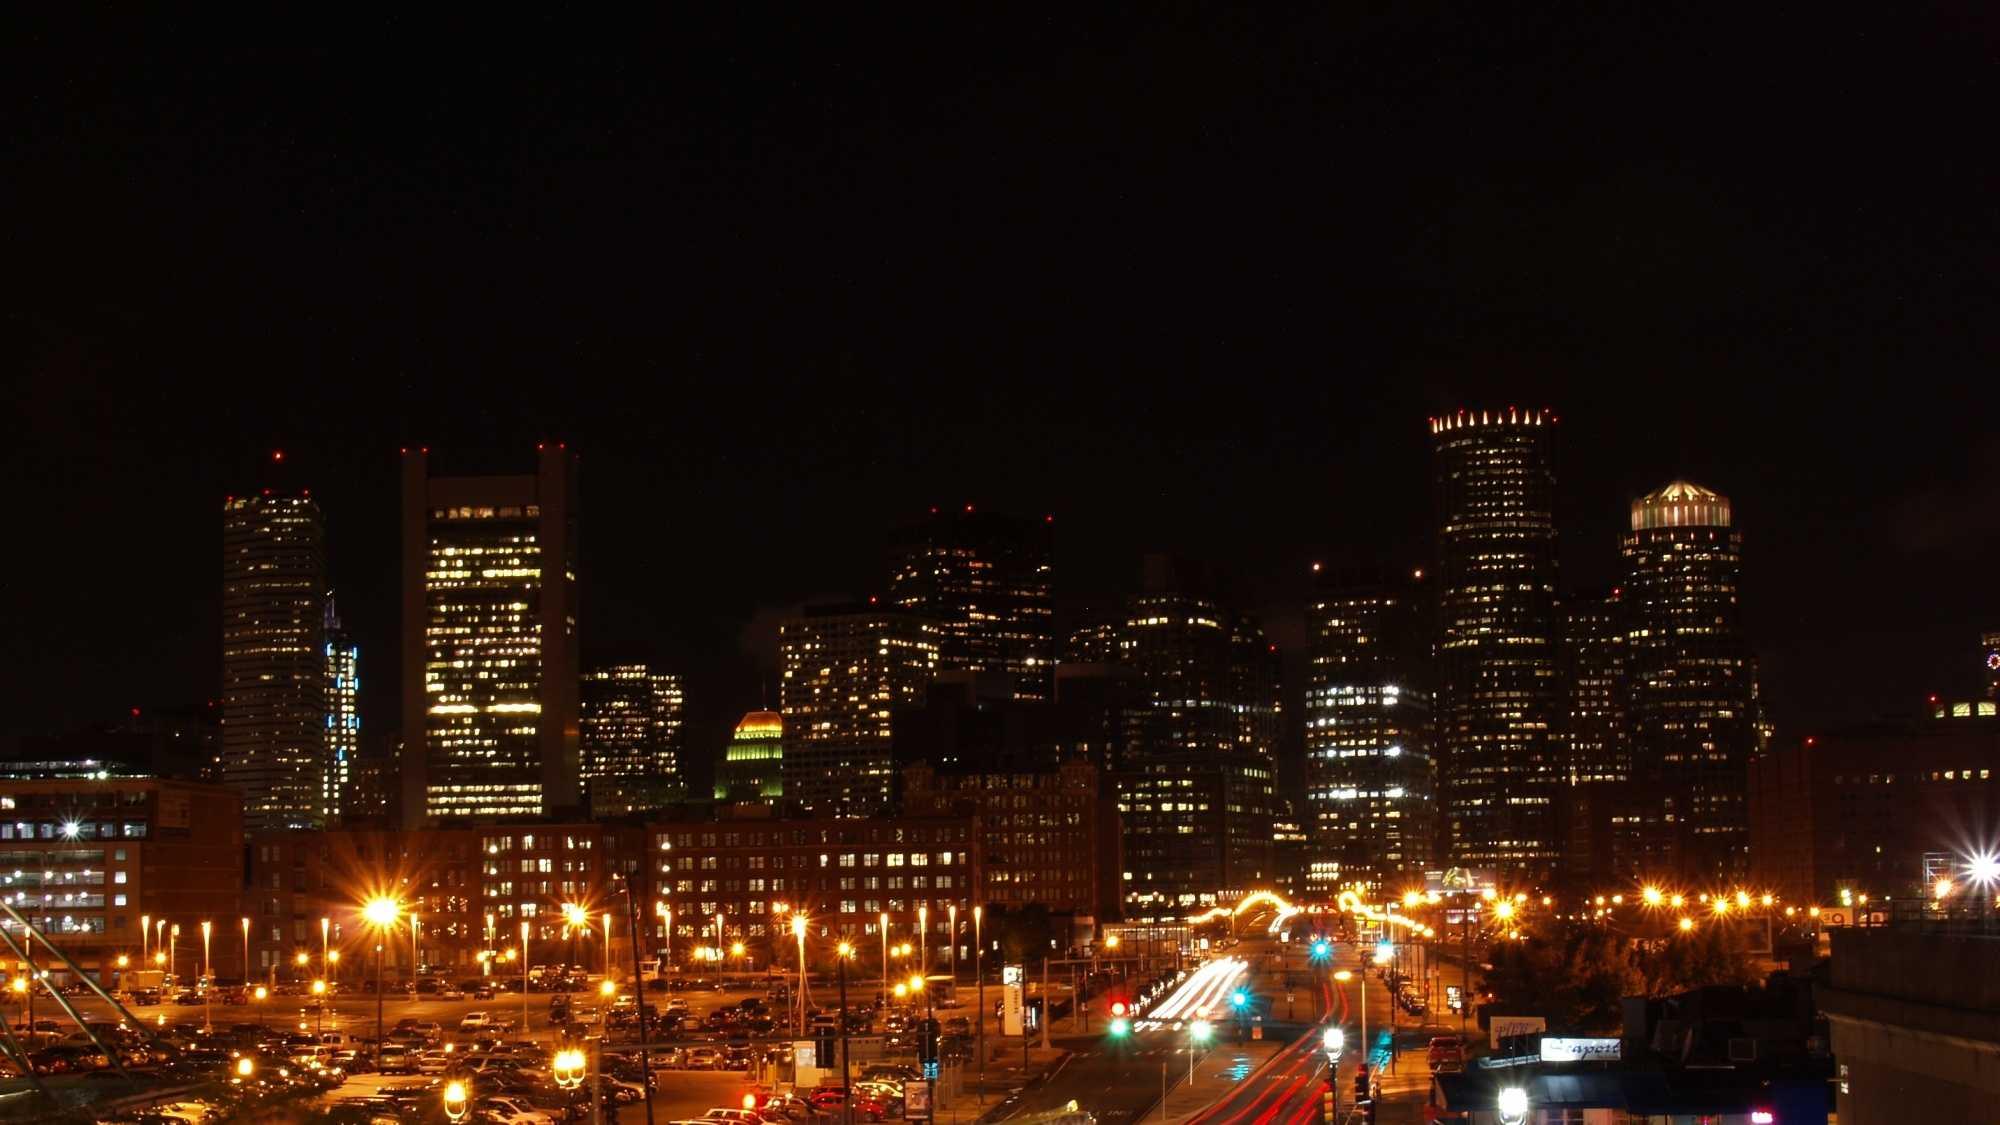 Boston at Night - Good Still